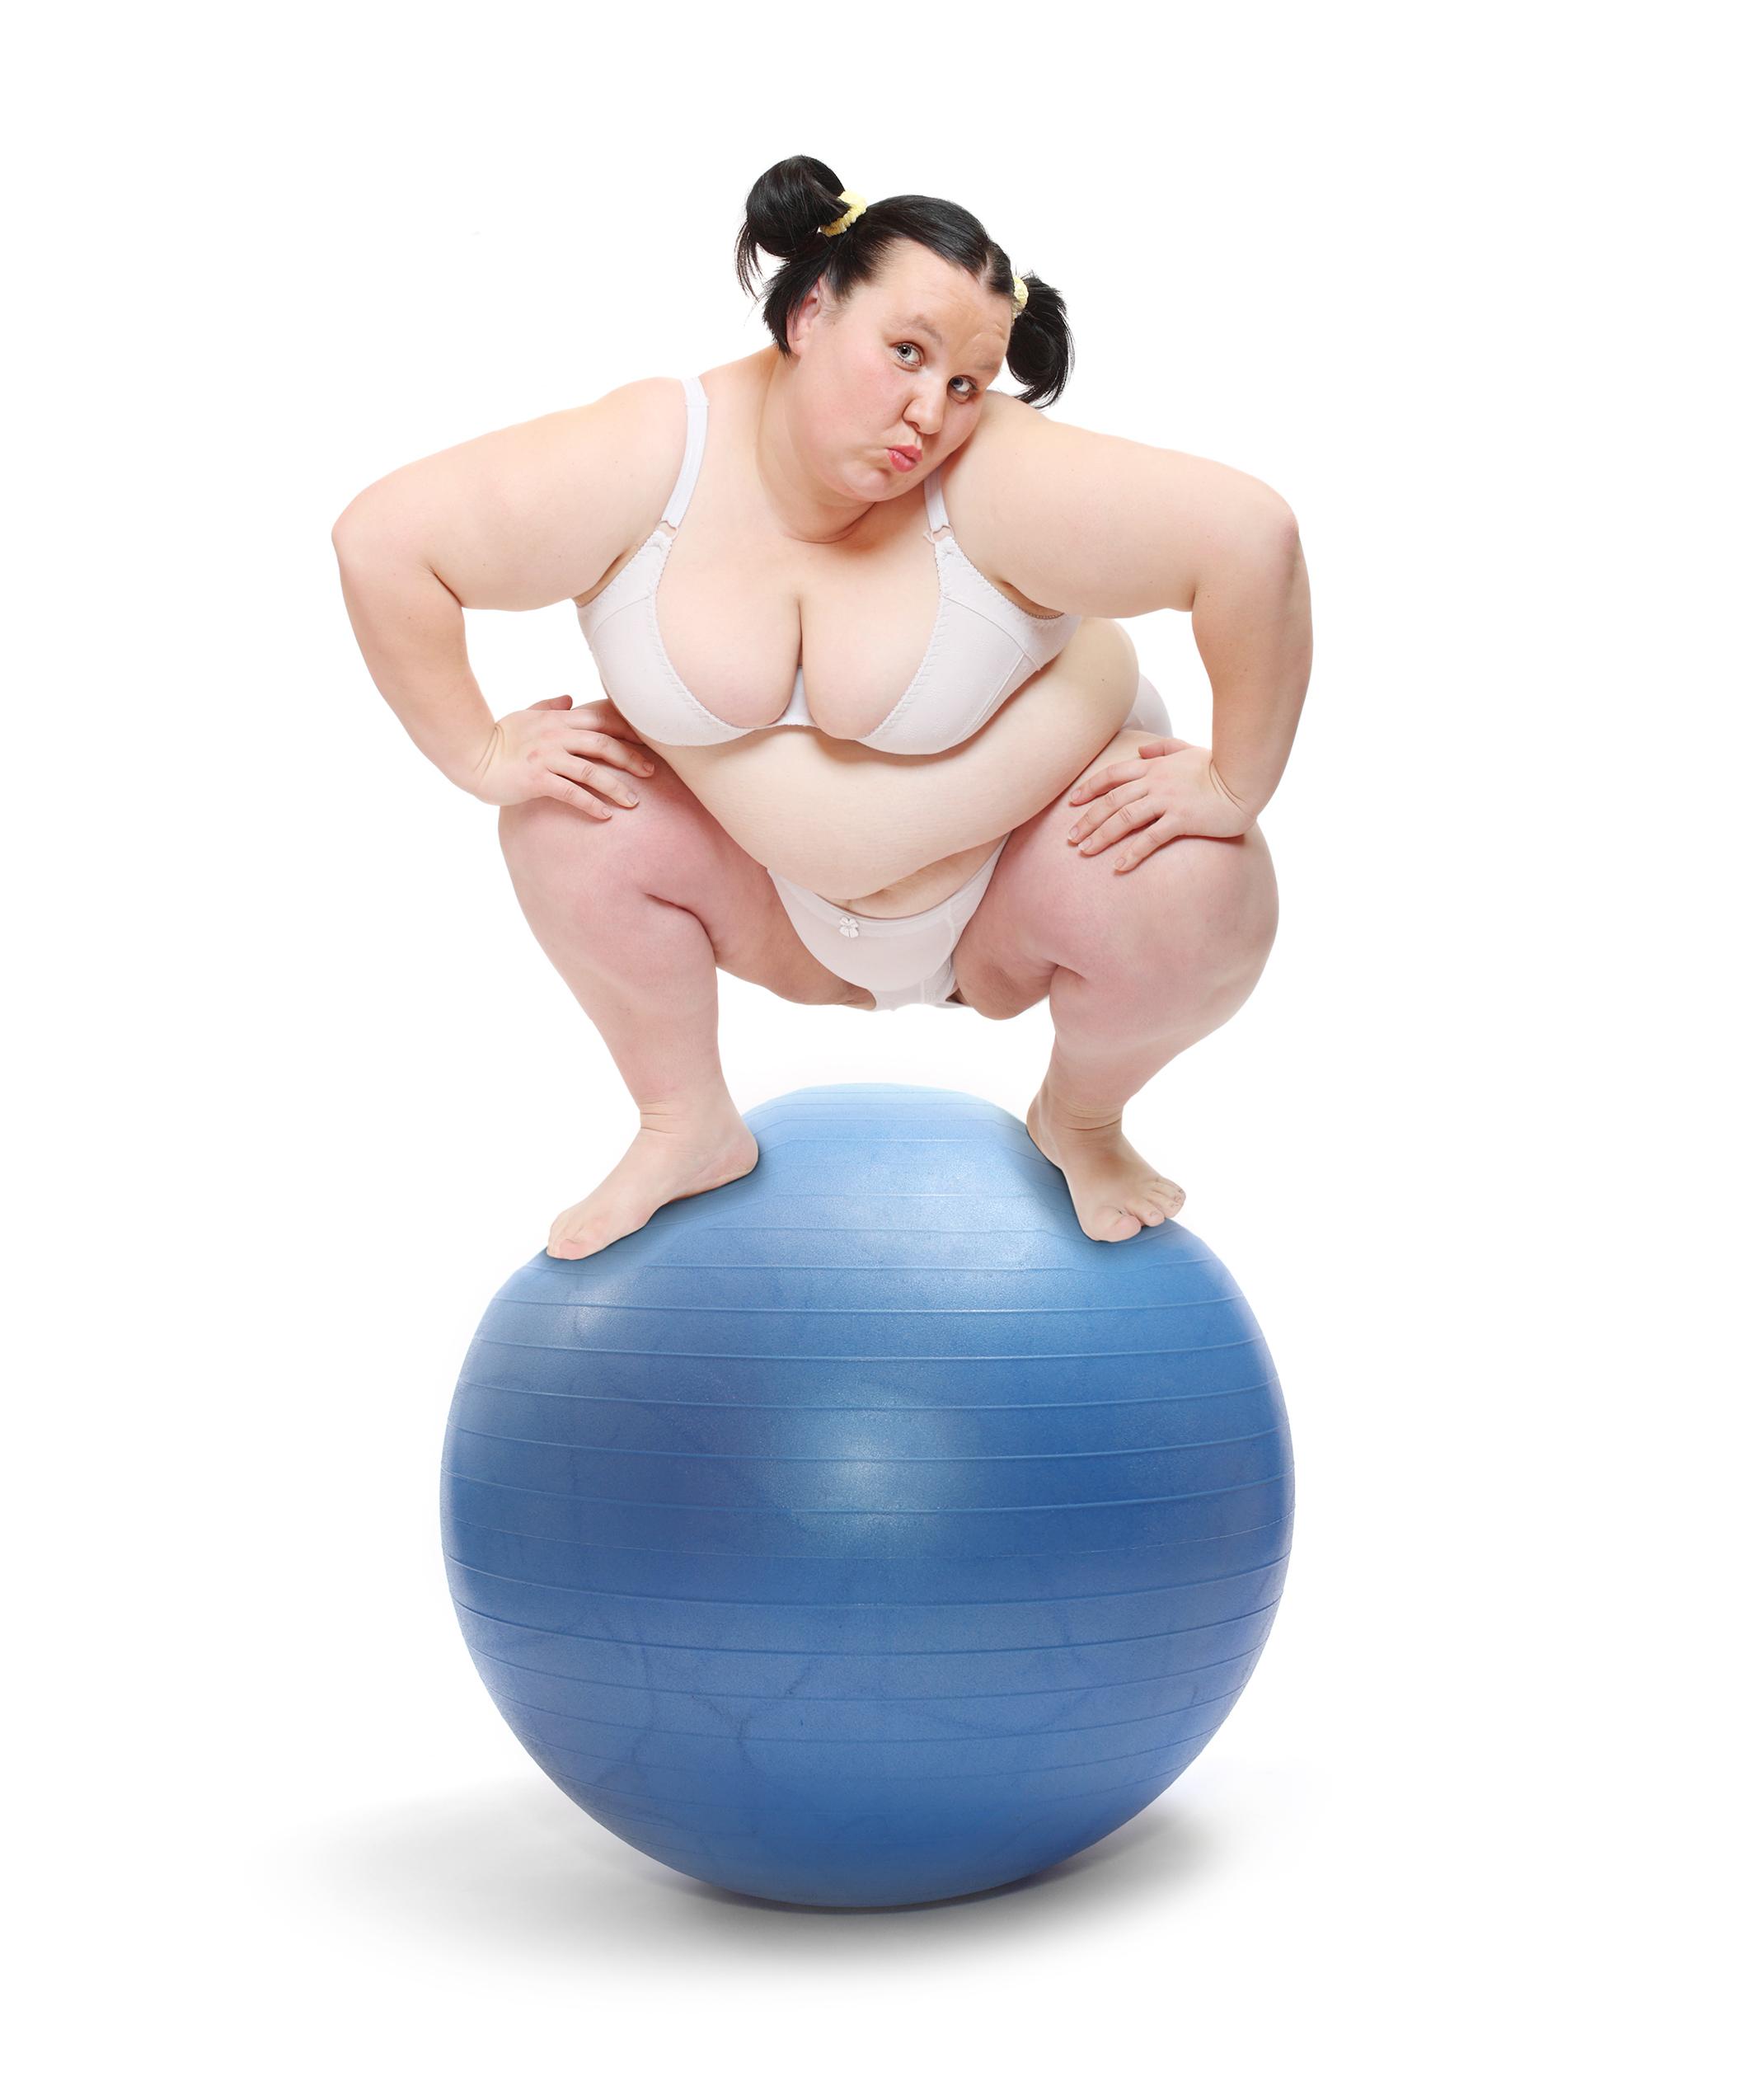 beautiful girl naked bubble butt